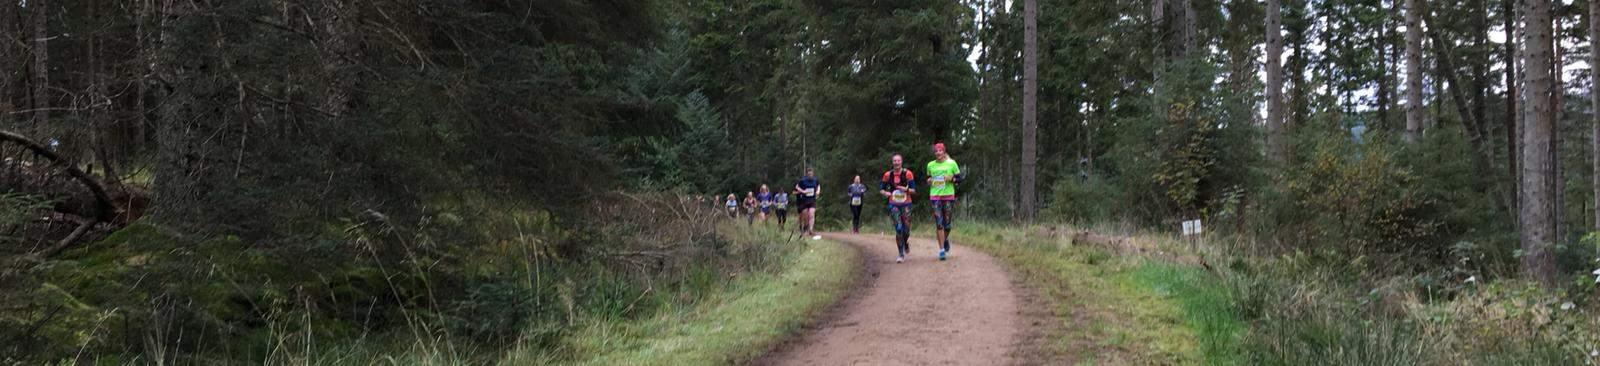 Kielder Half Marathon